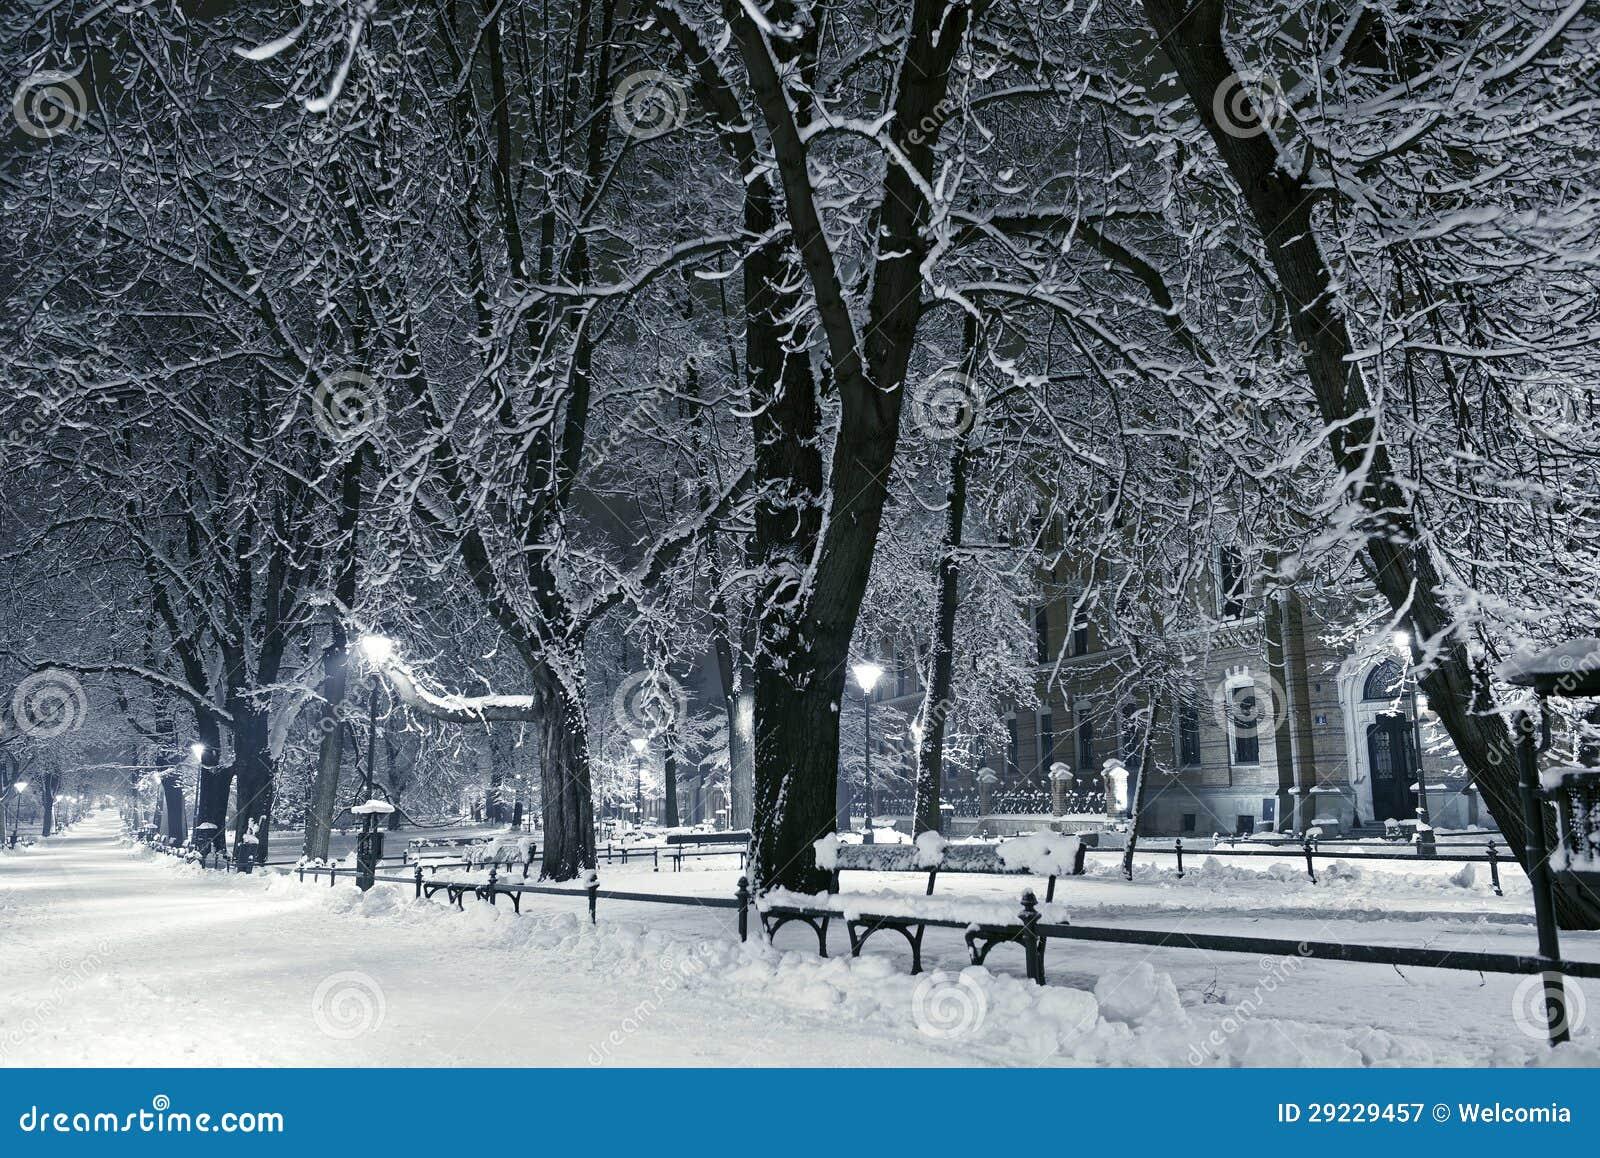 老欧洲公园在晚上. 冬天使摄影汇集环境美化.图片